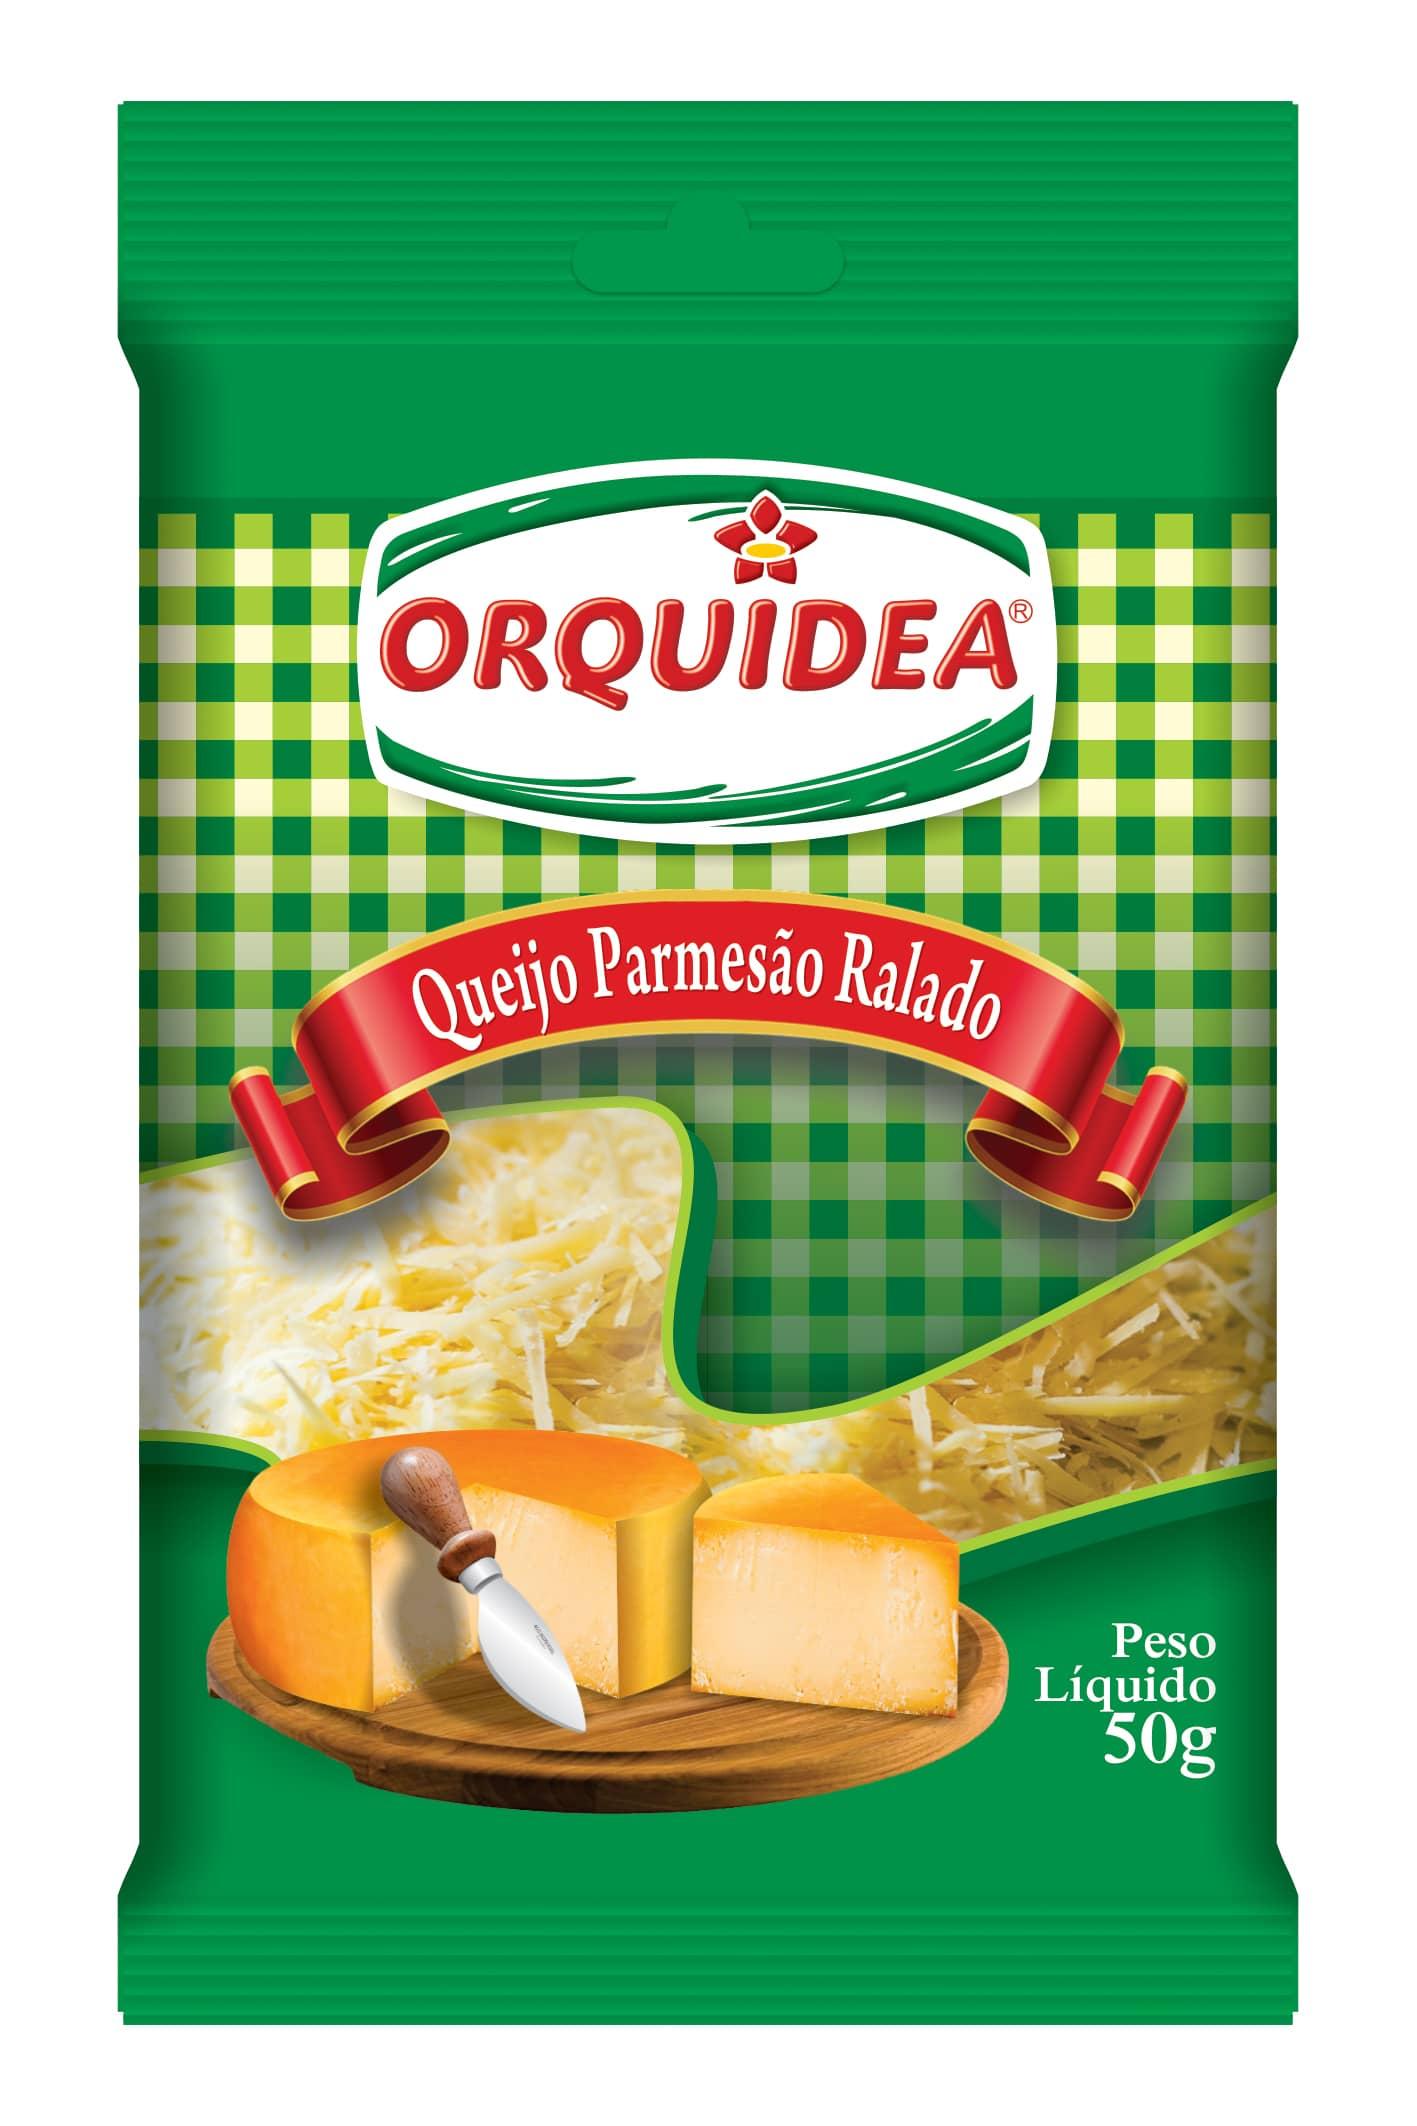 Queijo_Parmesao_Ralado_Orquidea